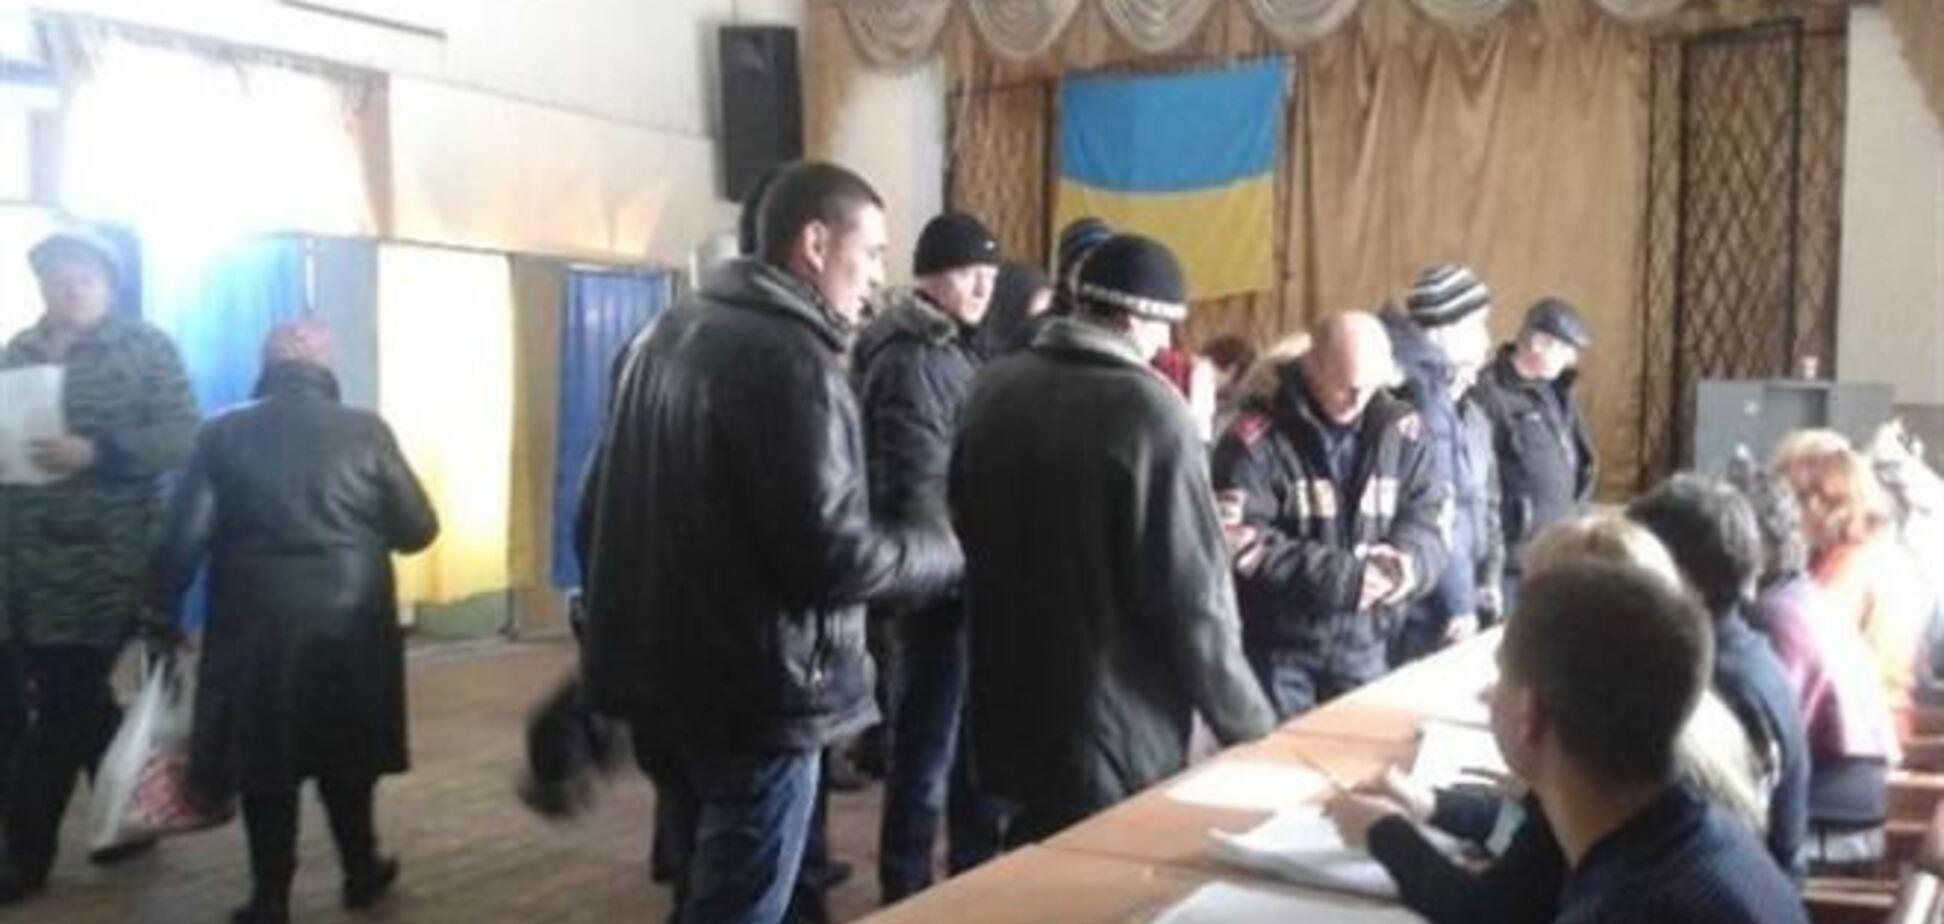 На избирательном участке Глевахи замечены 'левые' голосующие  - ОПОРА